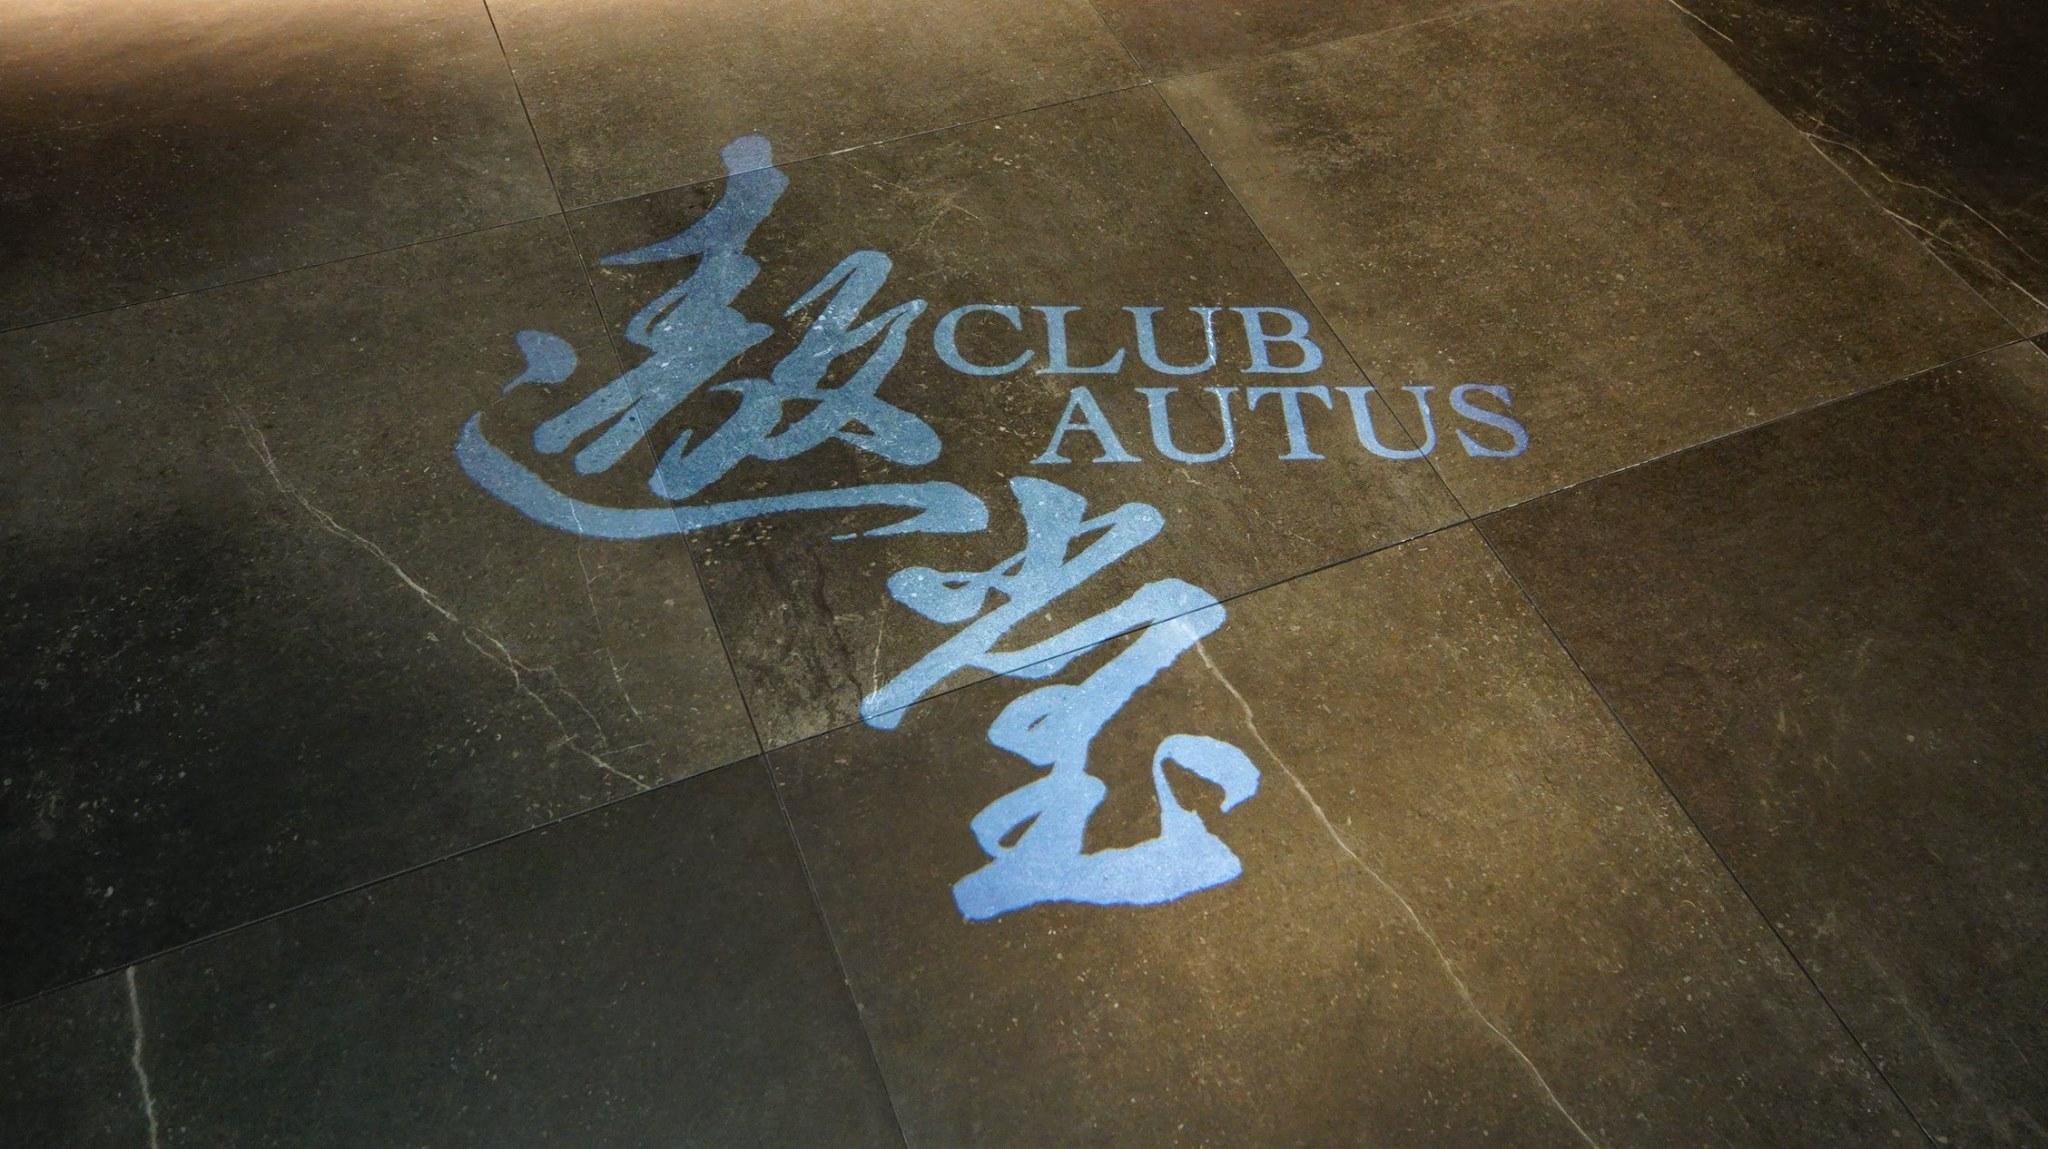 香港航空貴賓室 – 遨堂 Club Autus